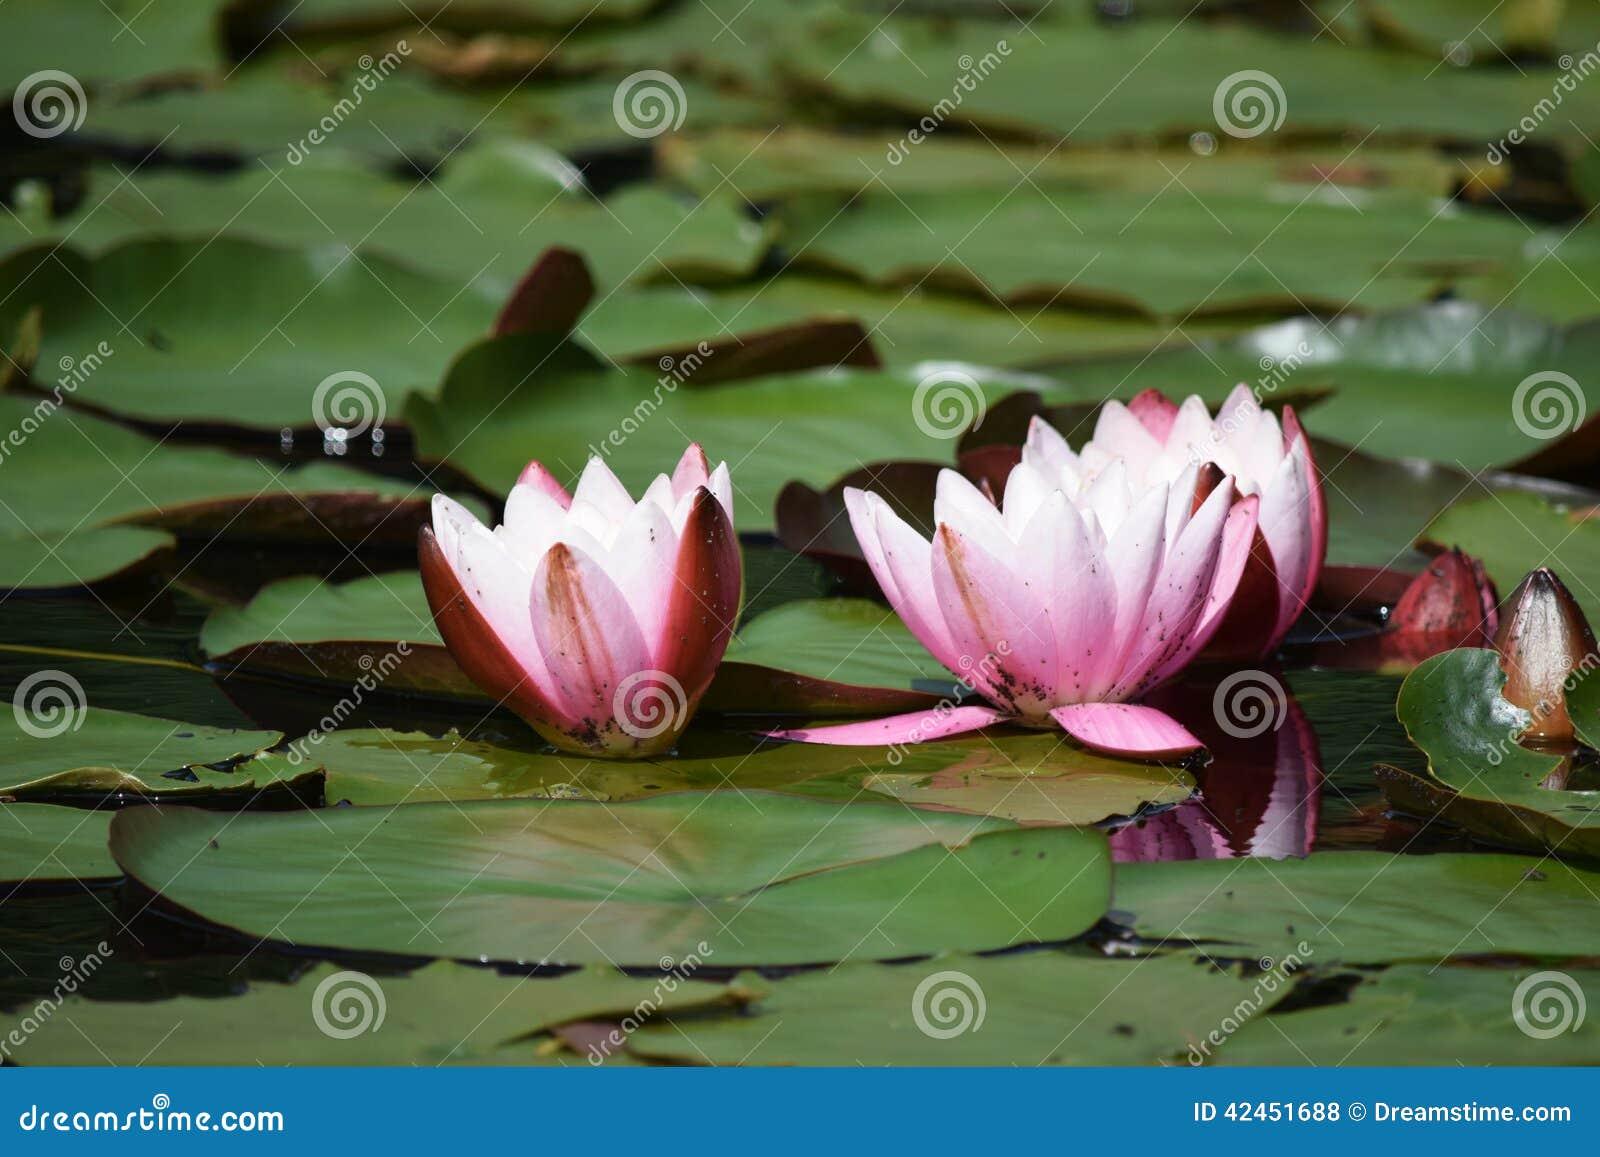 Lilien des offenen Wassers